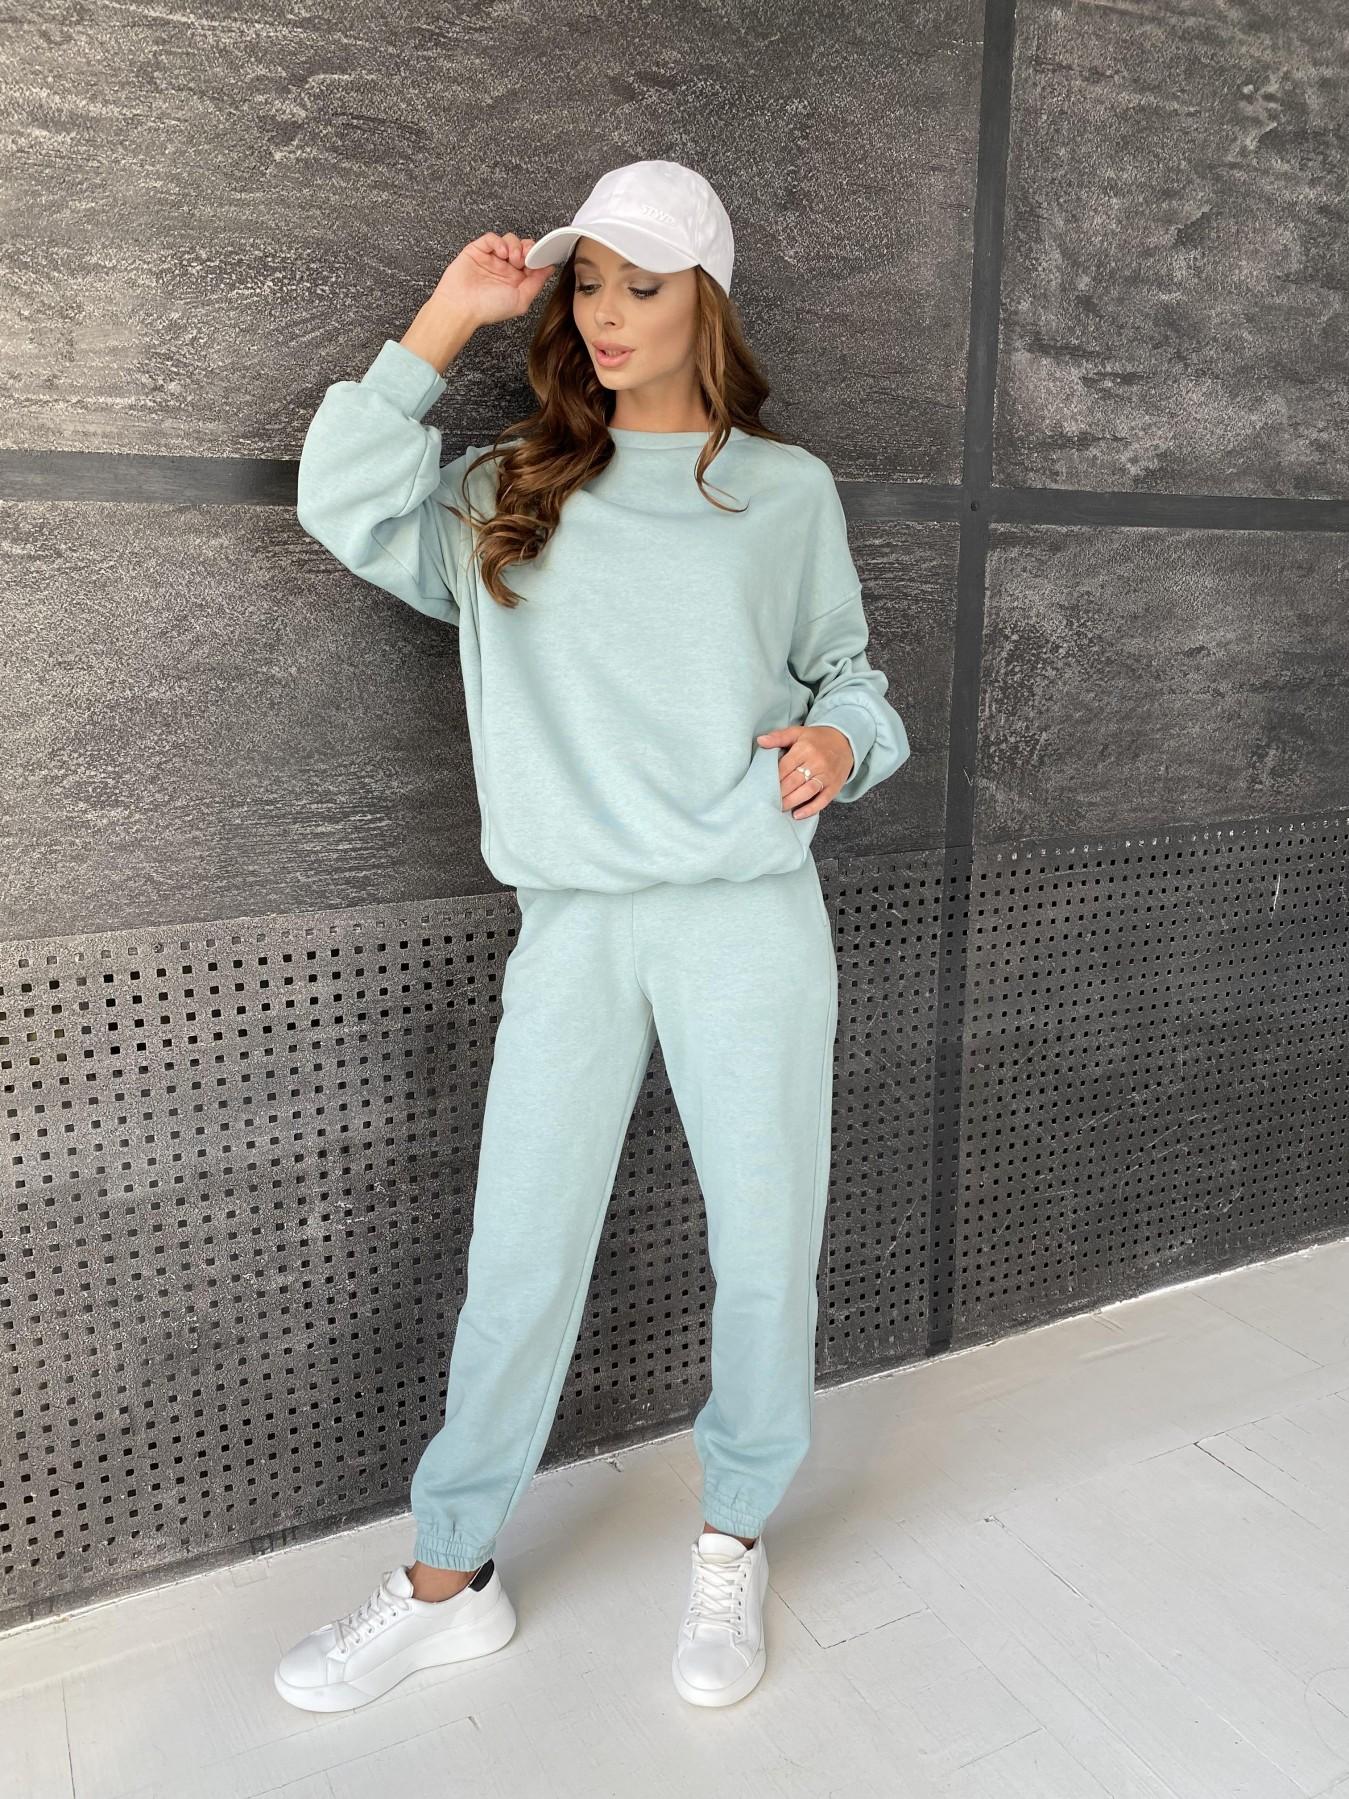 Женская одежда оптом от производителя Фарт 2 костюм трикотаж трехнитка 11634